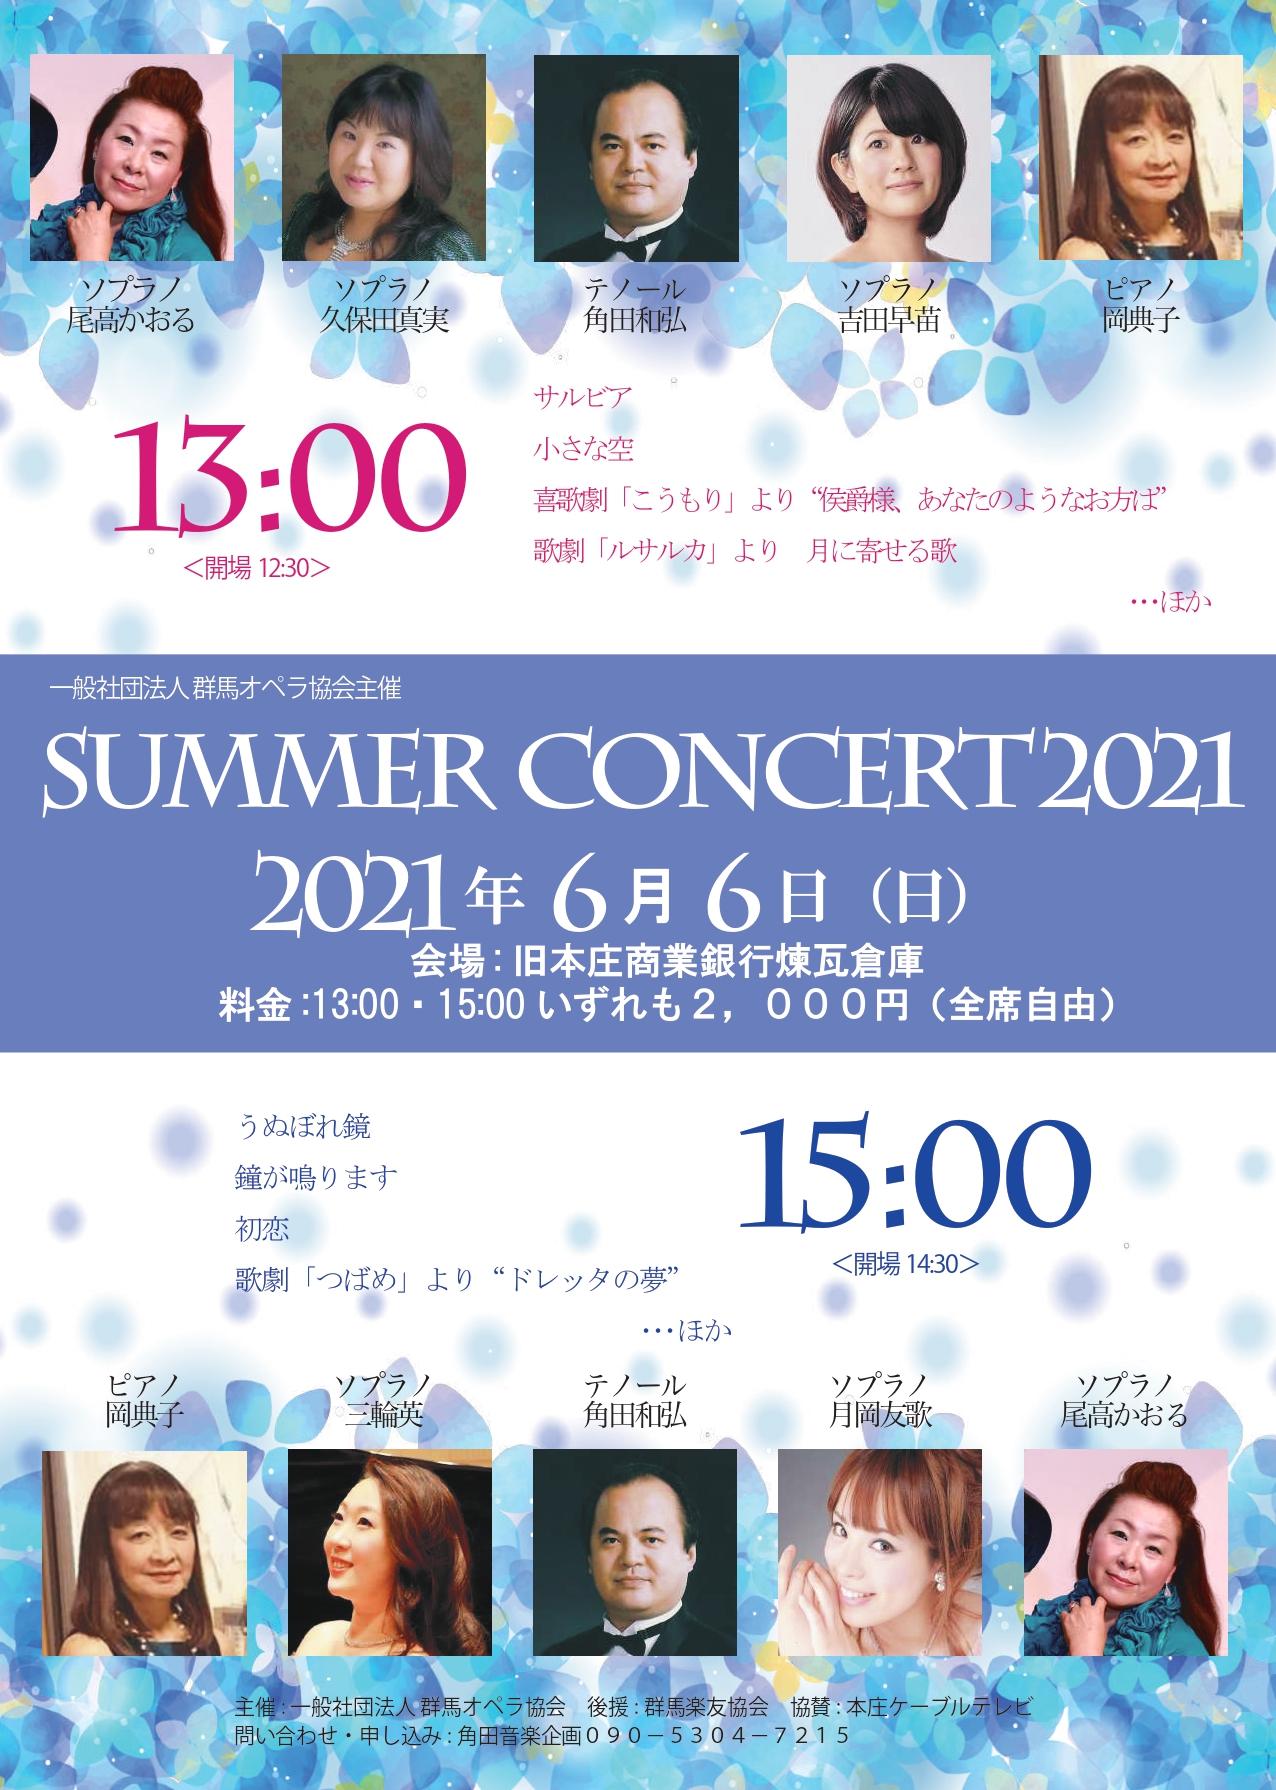 summer concert2021のお知らせ